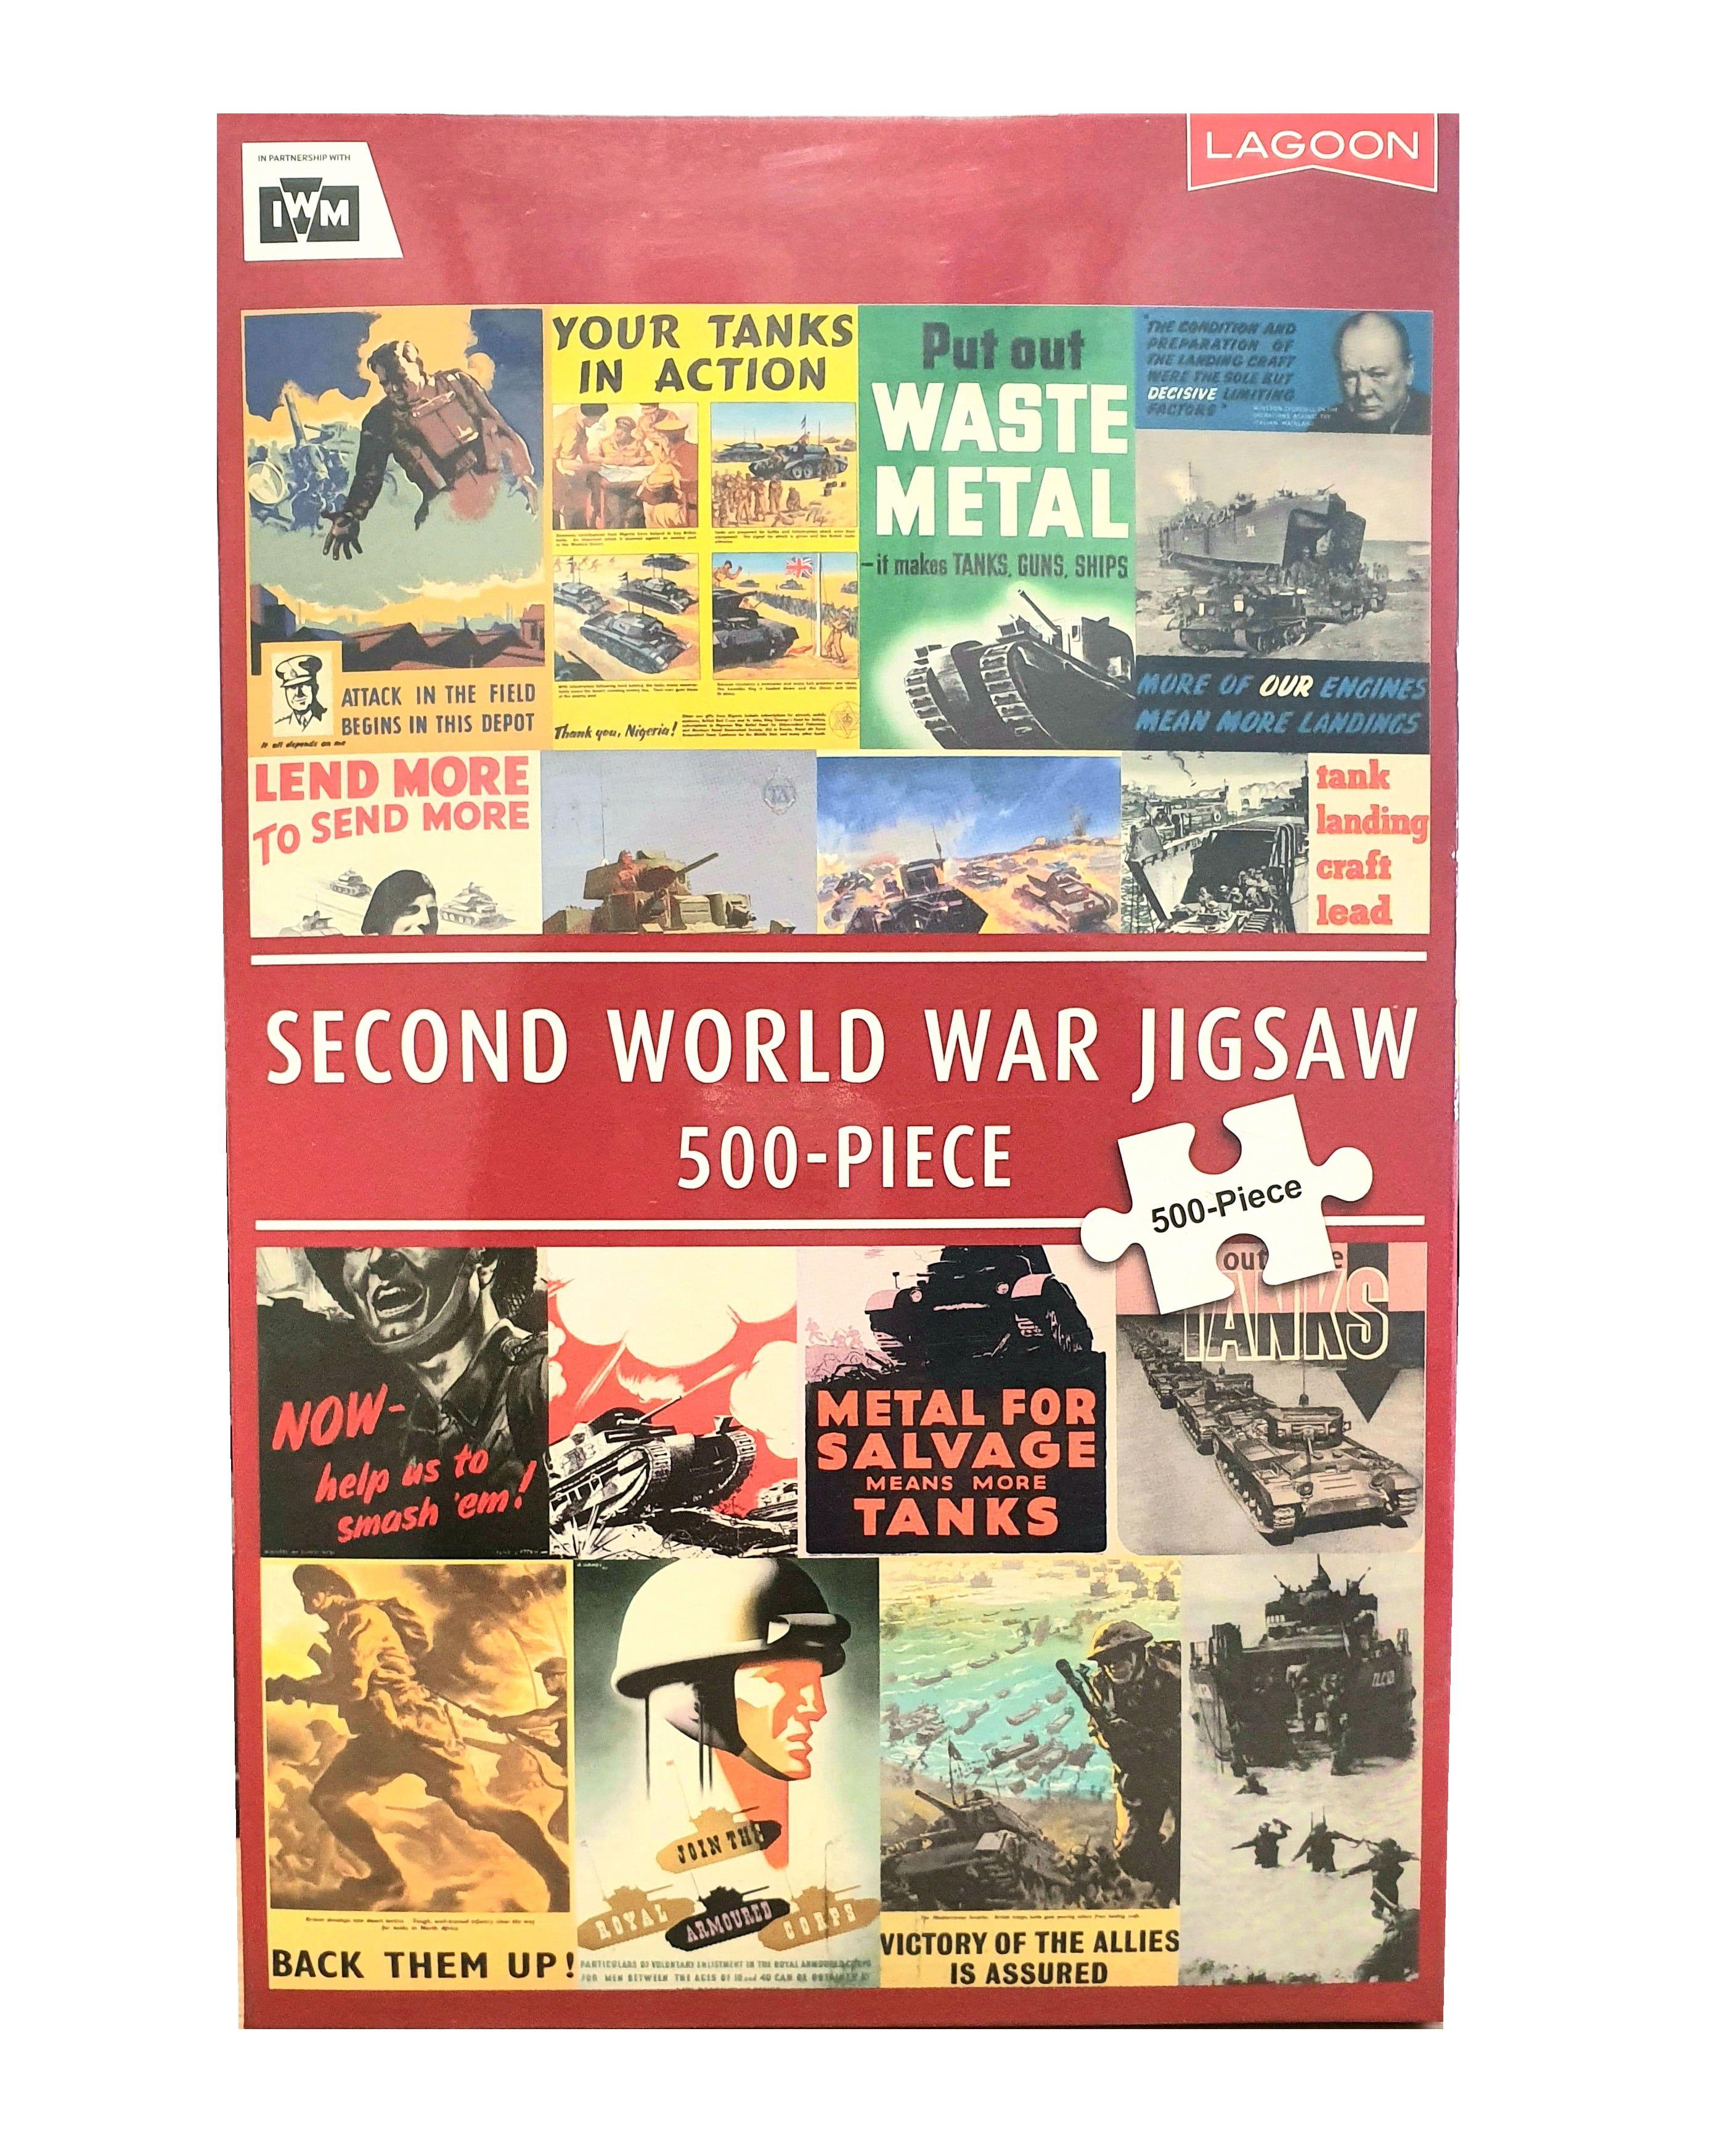 Second World War Land Jigsaw